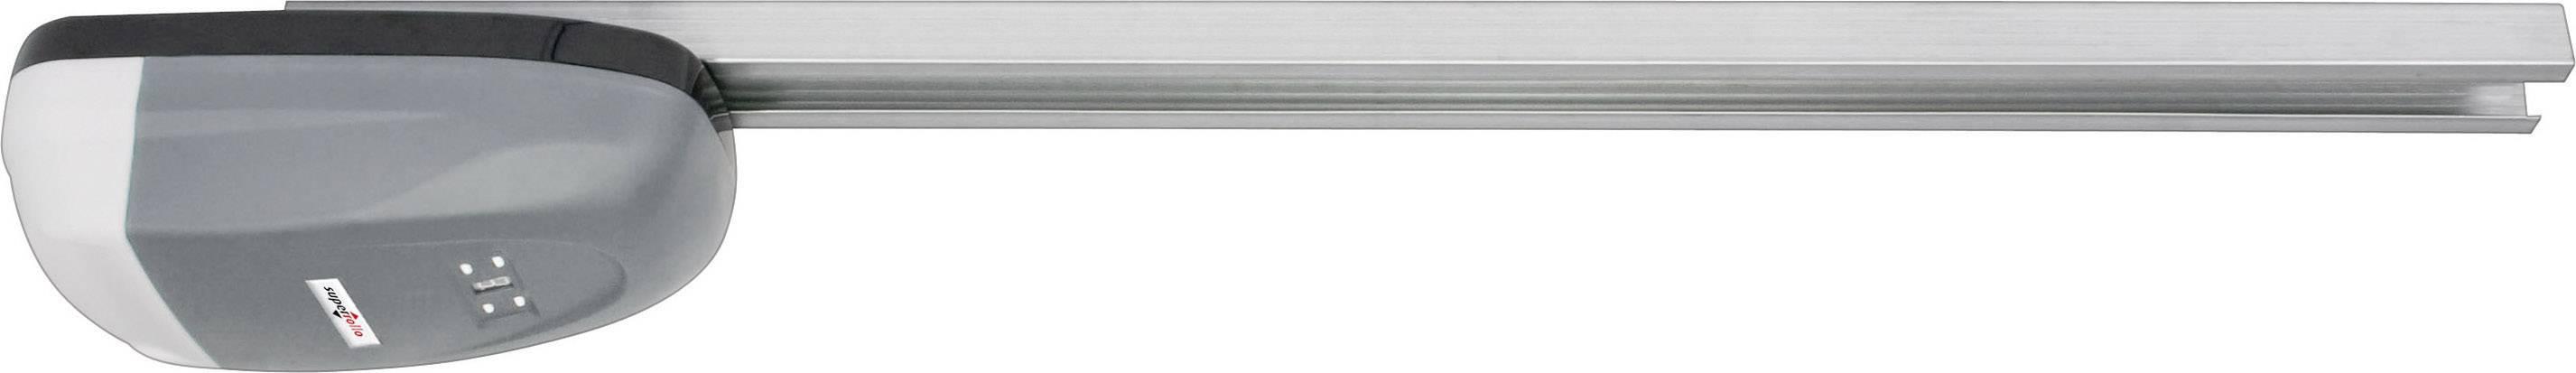 Pohon garážových vrat s dálkovým ovladačem Superrollo Professional TA50, max. 50 kg, šedá